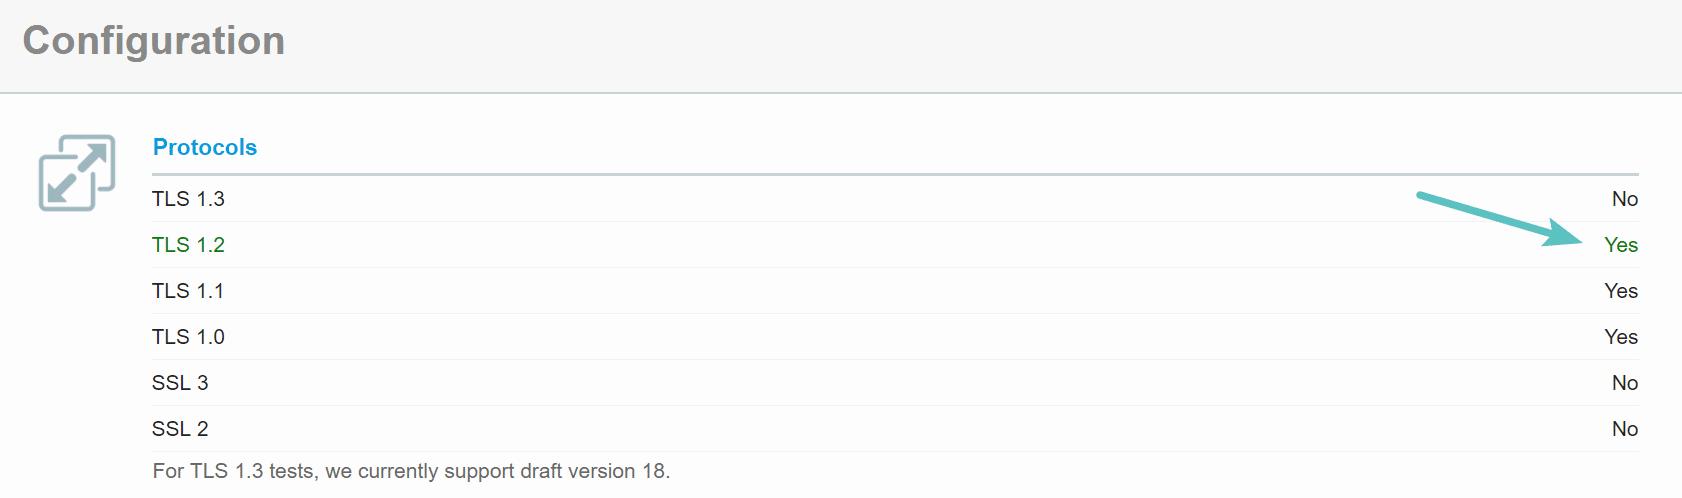 Проверка старой версии TLS